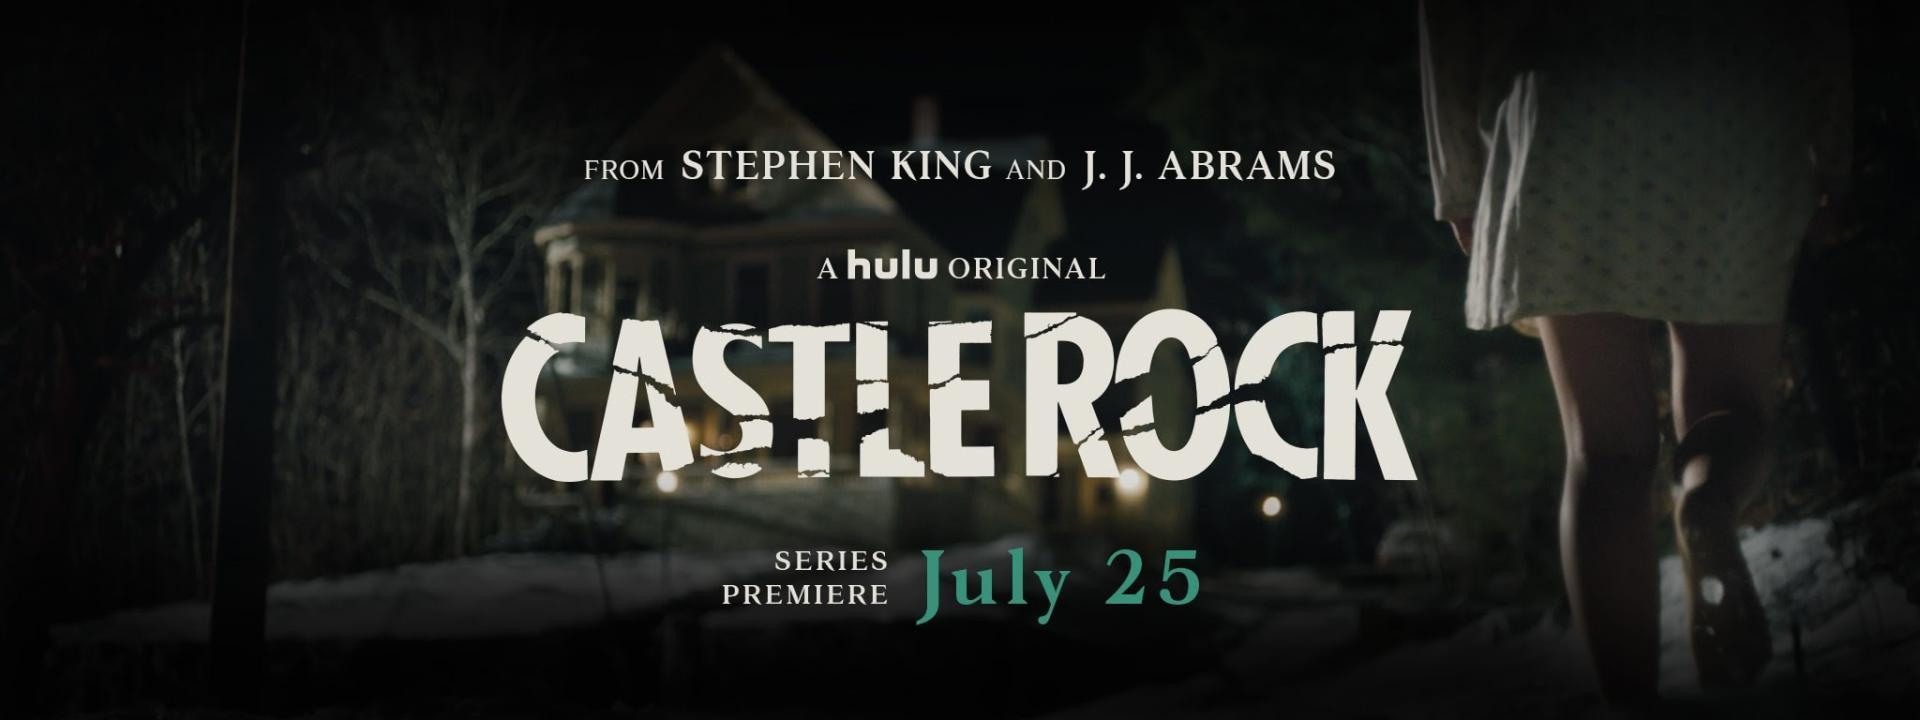 Három további kedvcsináló a Castle Rock sorozathoz